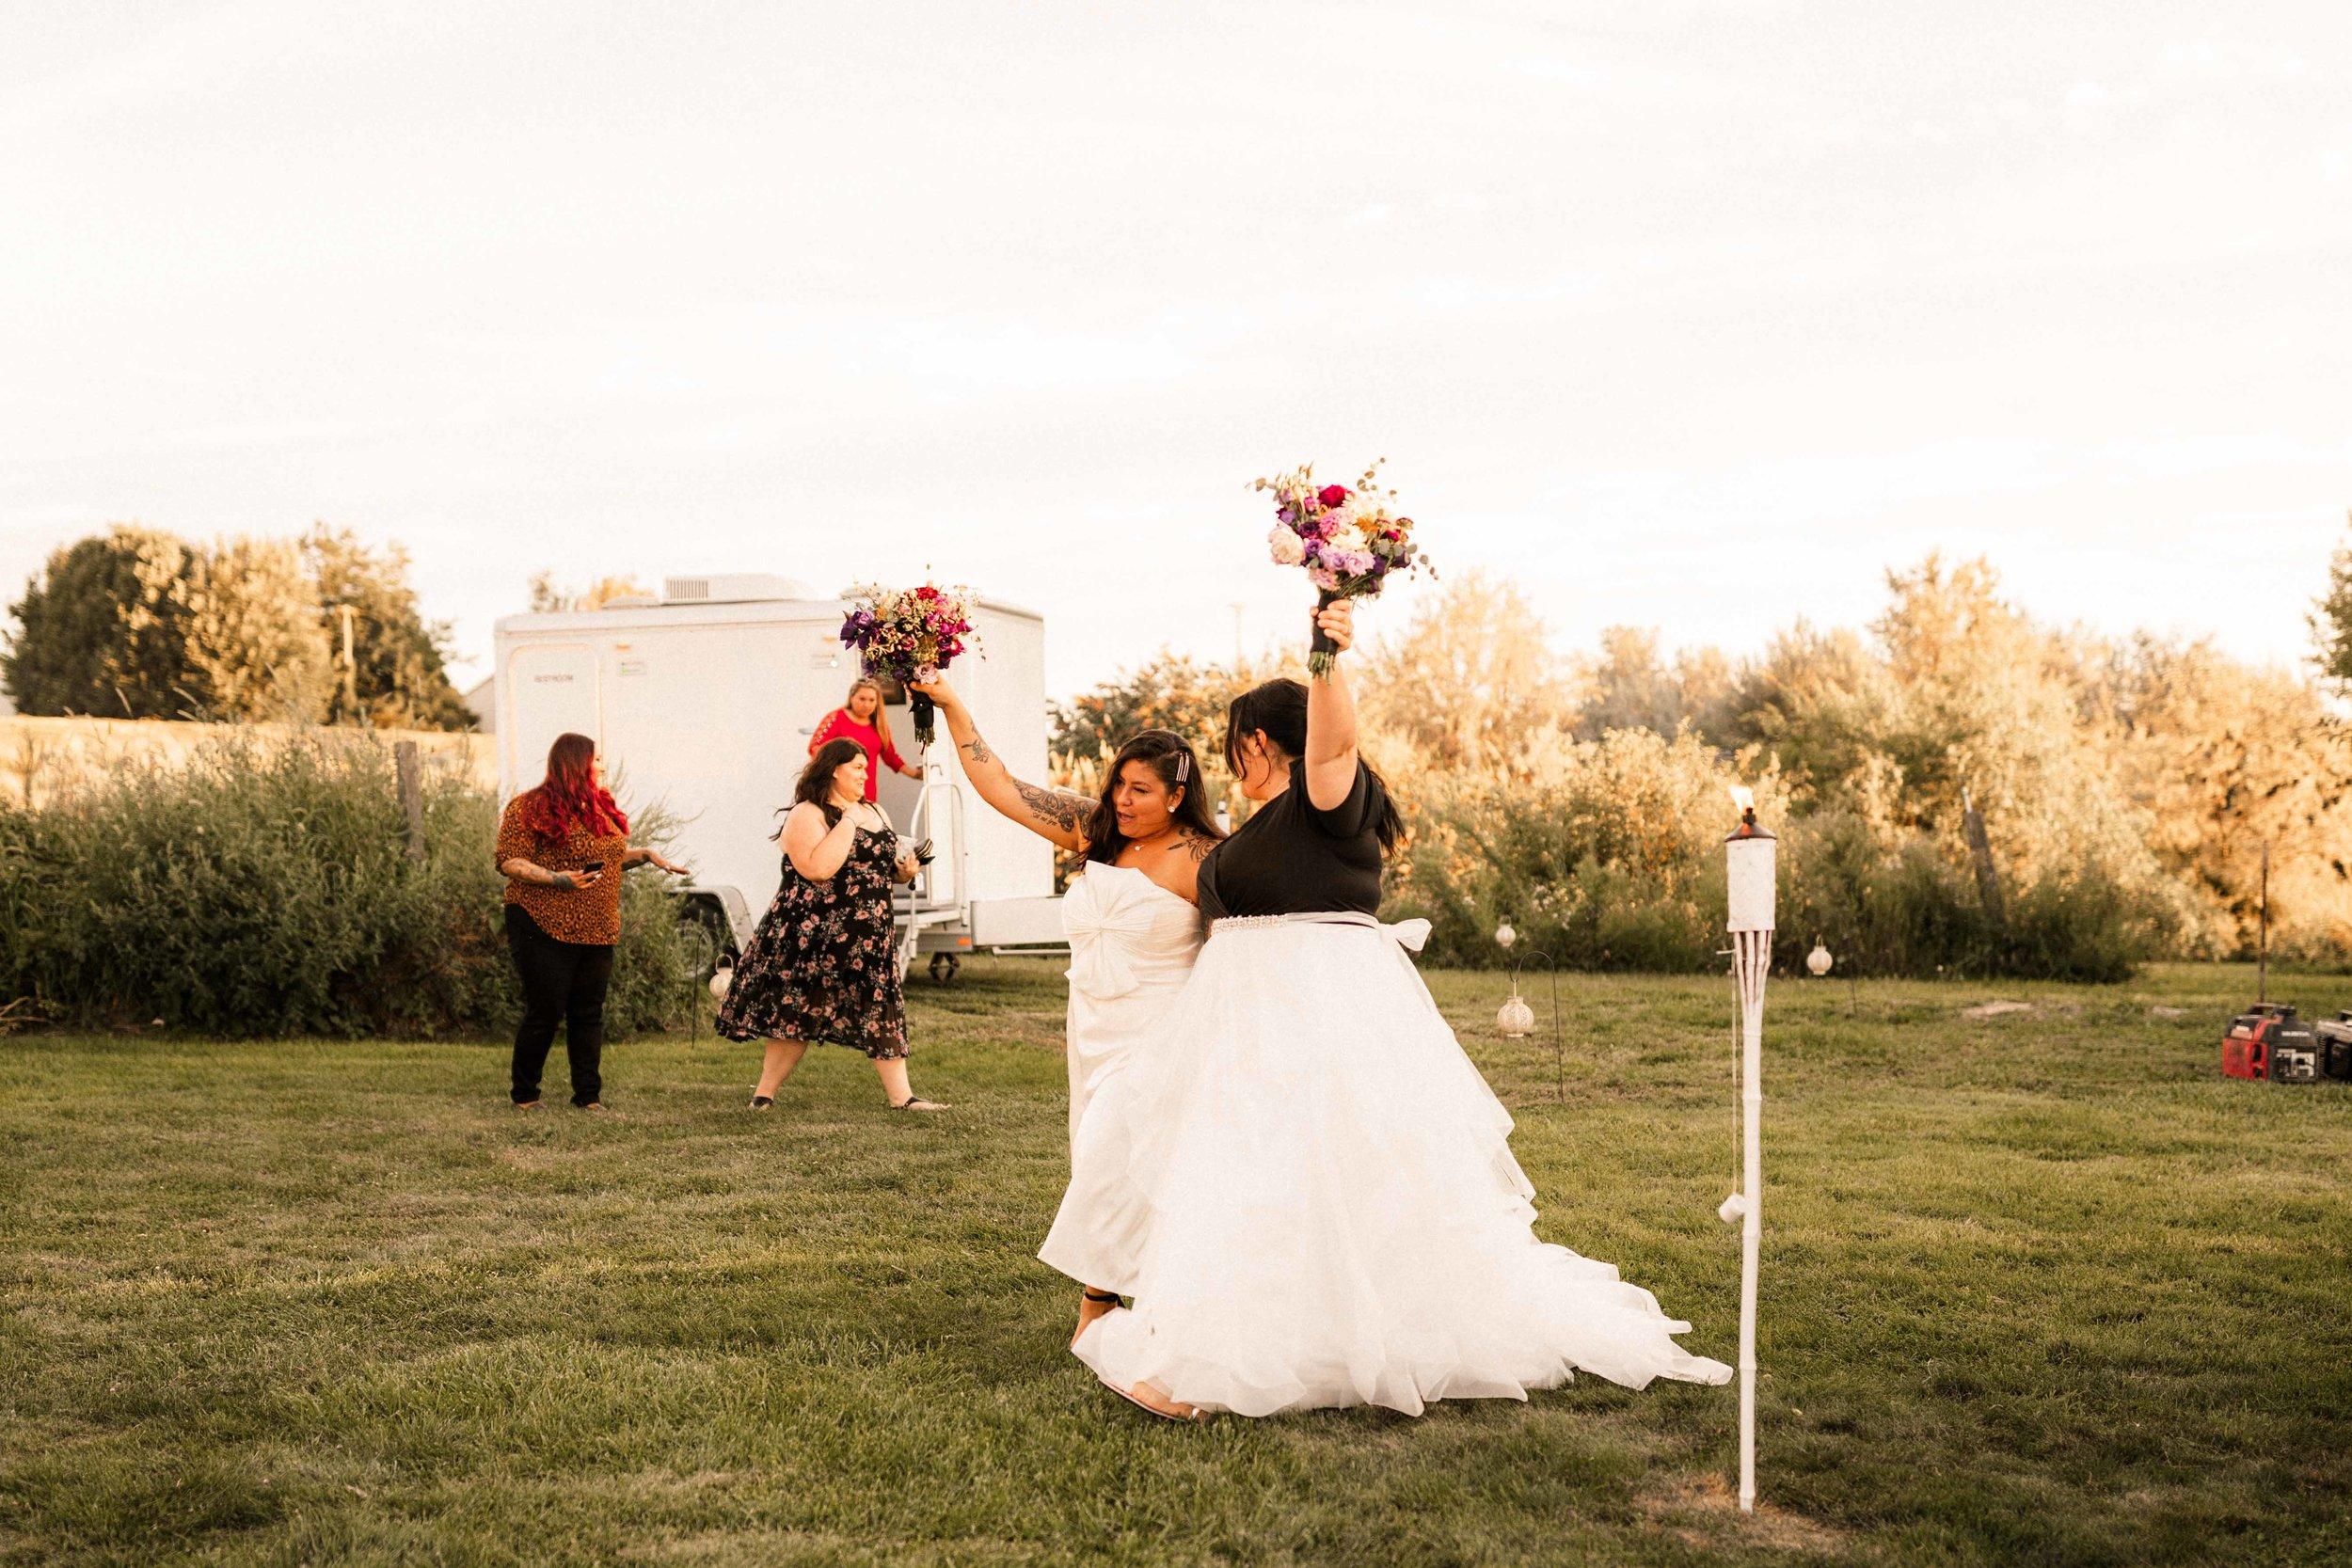 pasco-wedding-photos-42.jpg